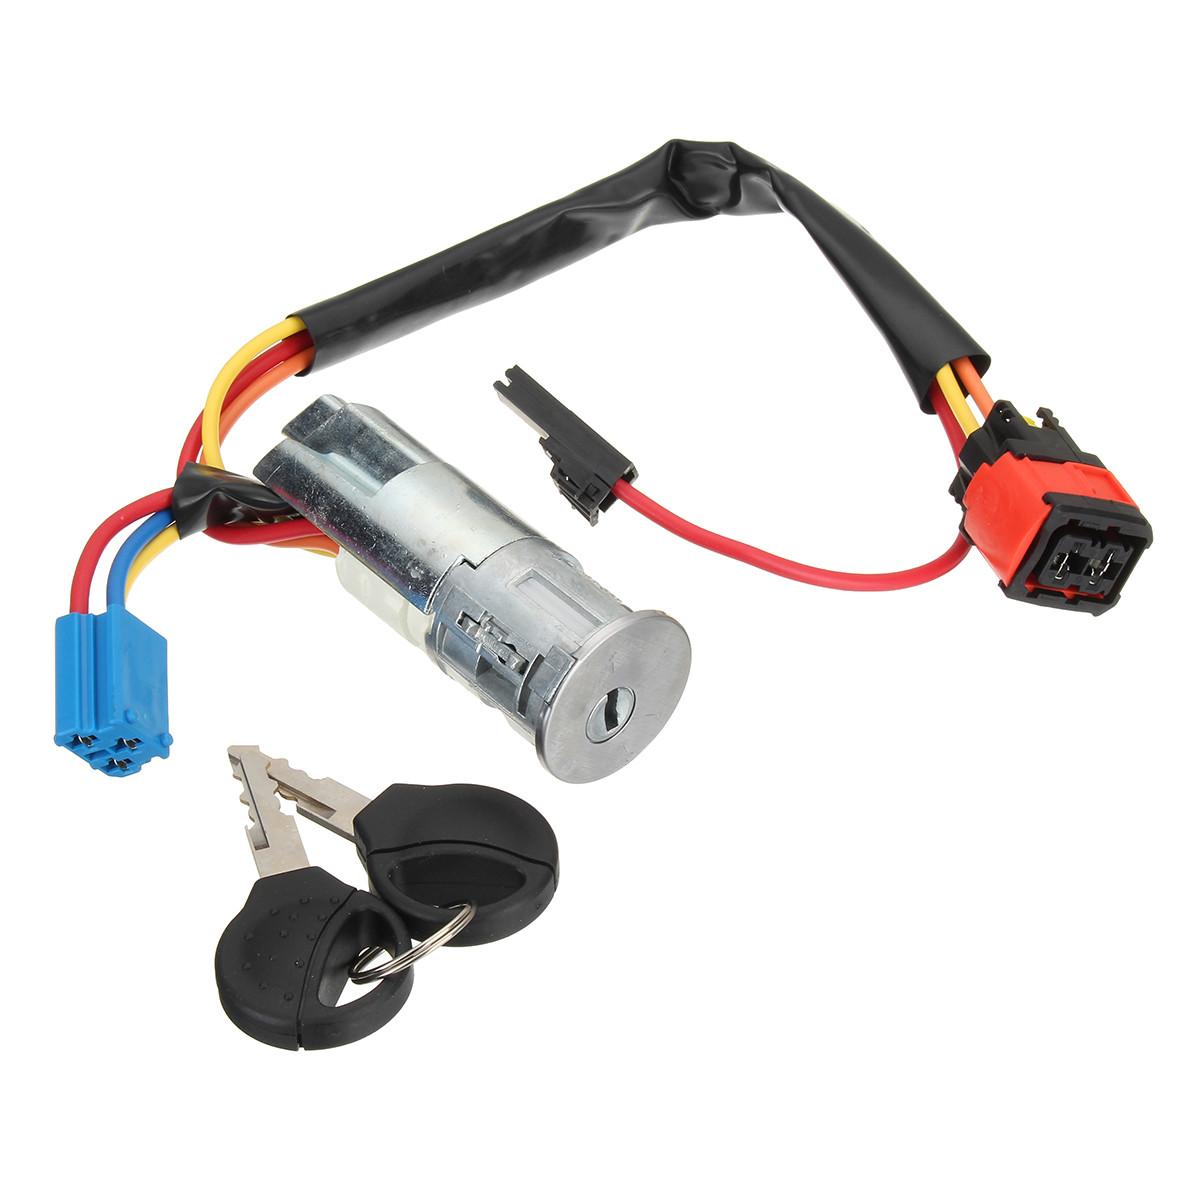 Выключатель зажигания Стартовый ствол Замок Ключи для Peugeot 206 для Citroen Picasso Xsara 4162P0-1TopShop